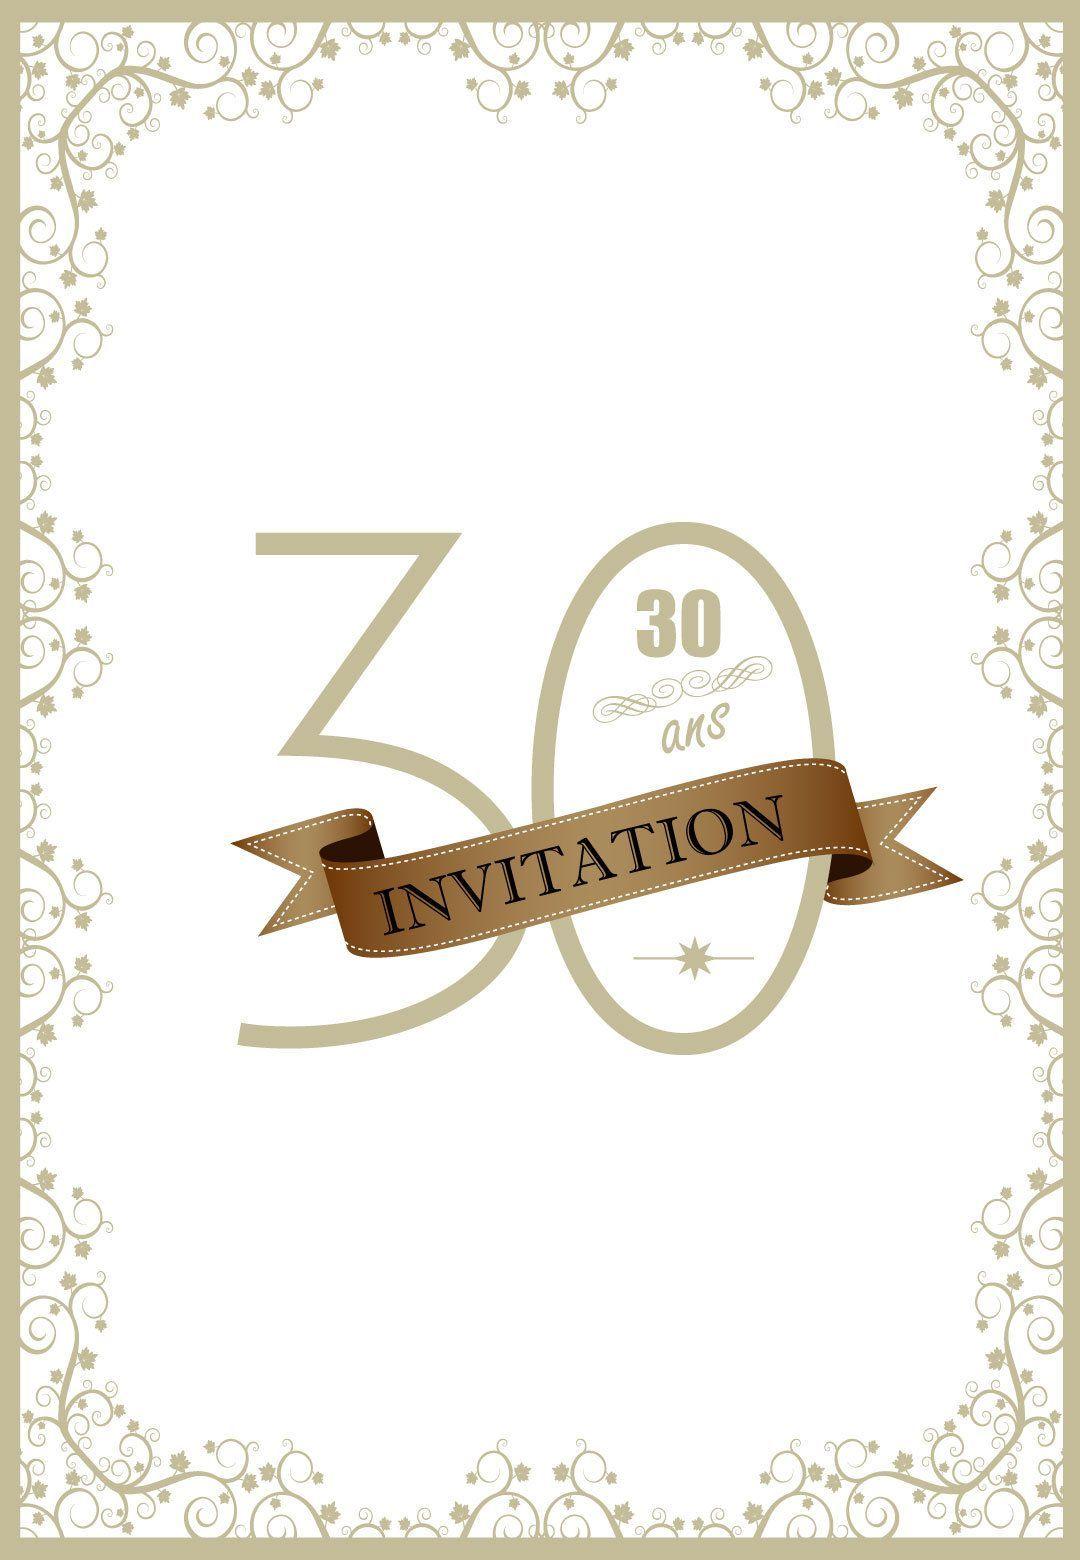 carte anniversaire femme 30 ans carte invitation anniversaire 30 ans | Carte invitation